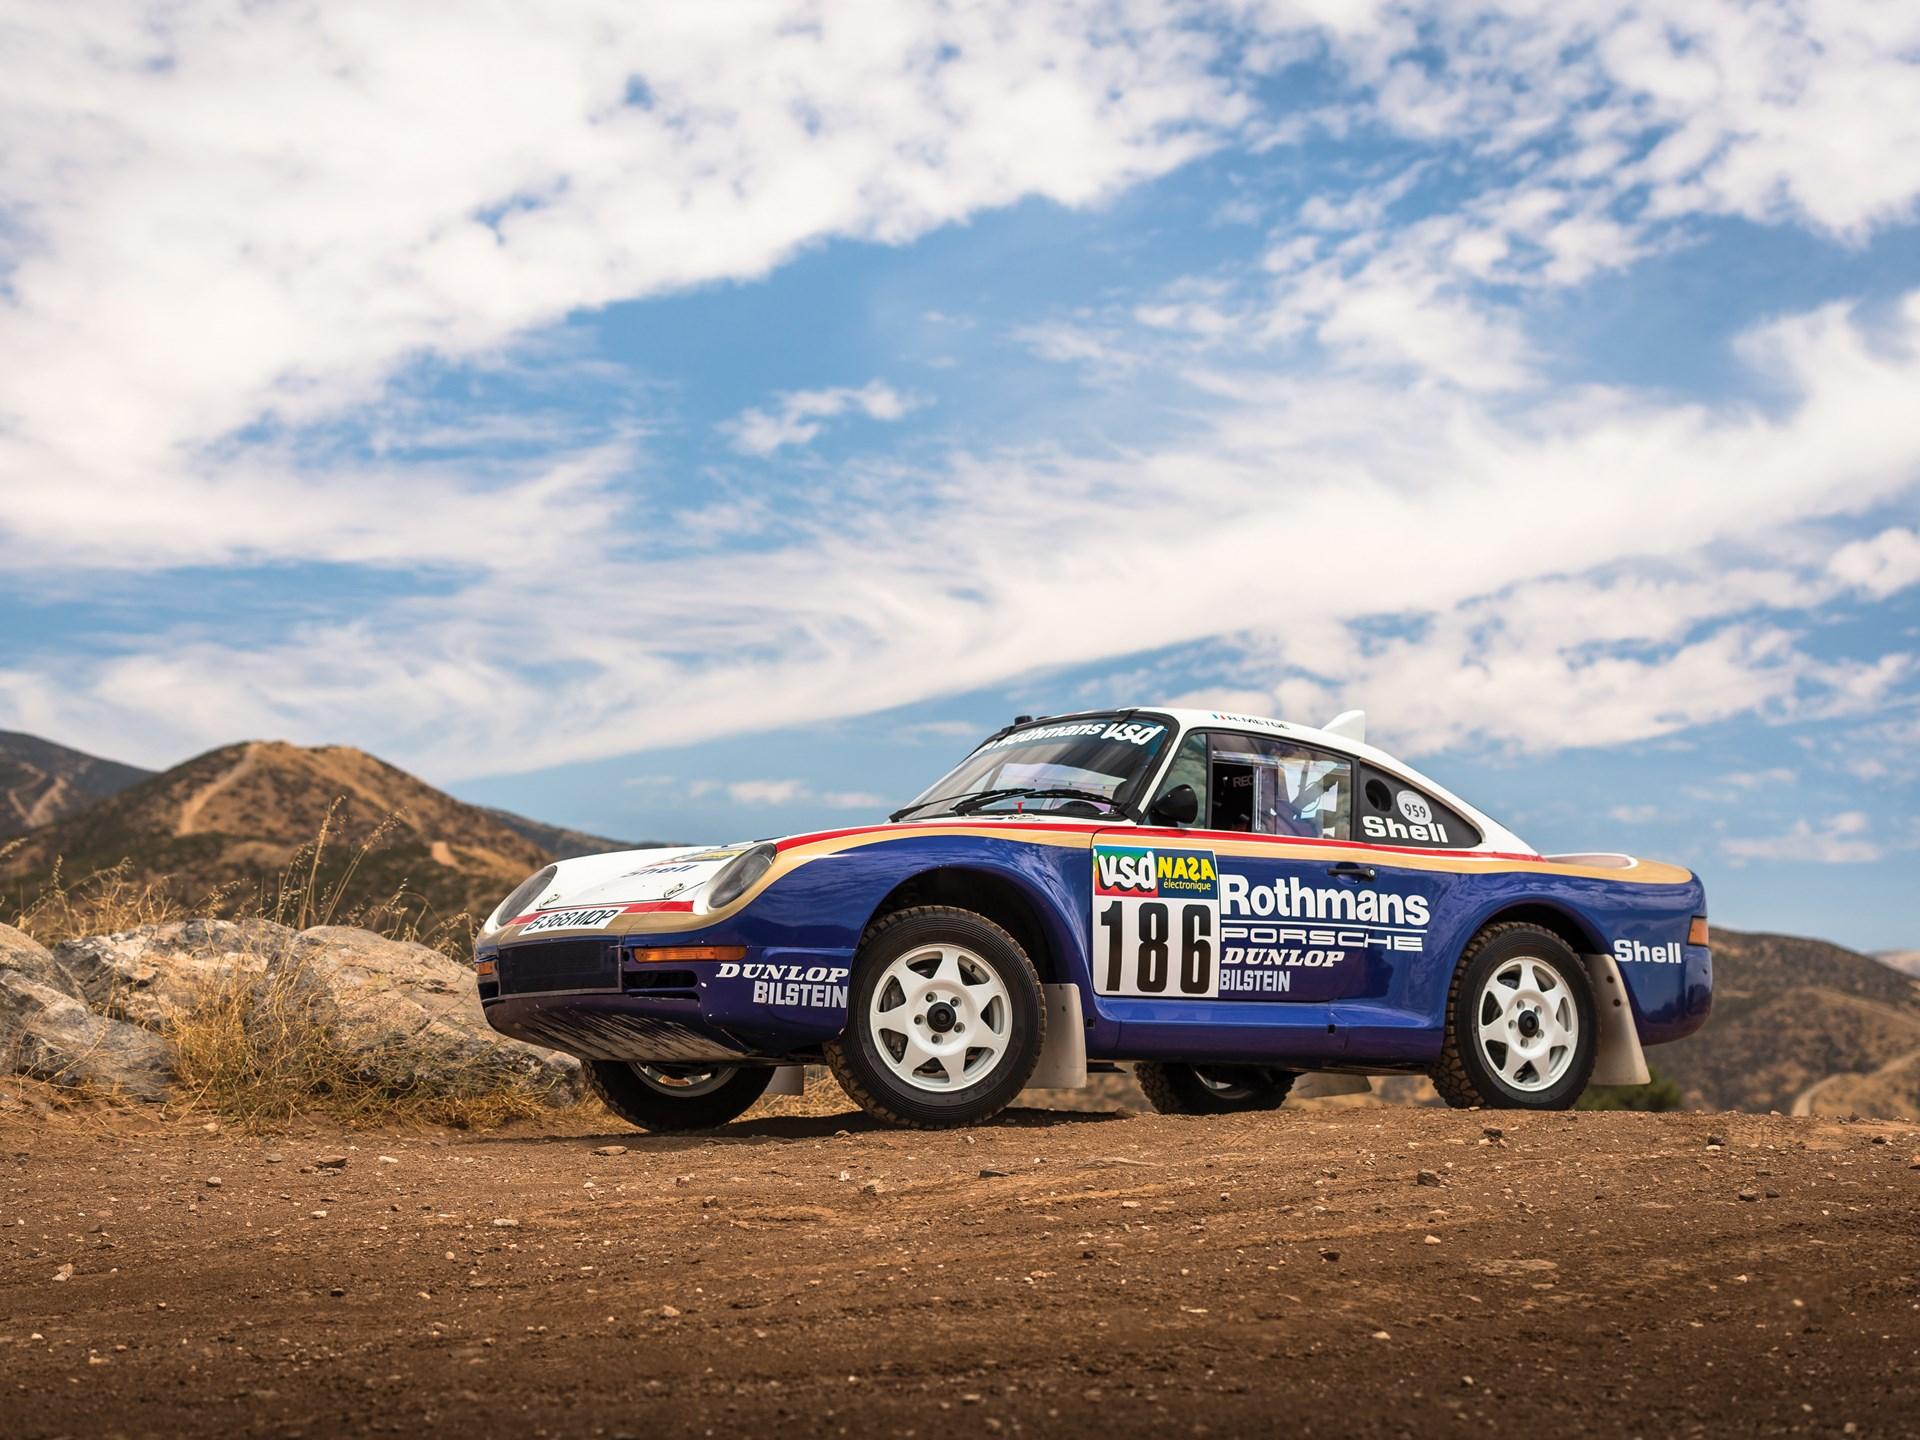 Rekordáron kelt el a Dakar-Porsche